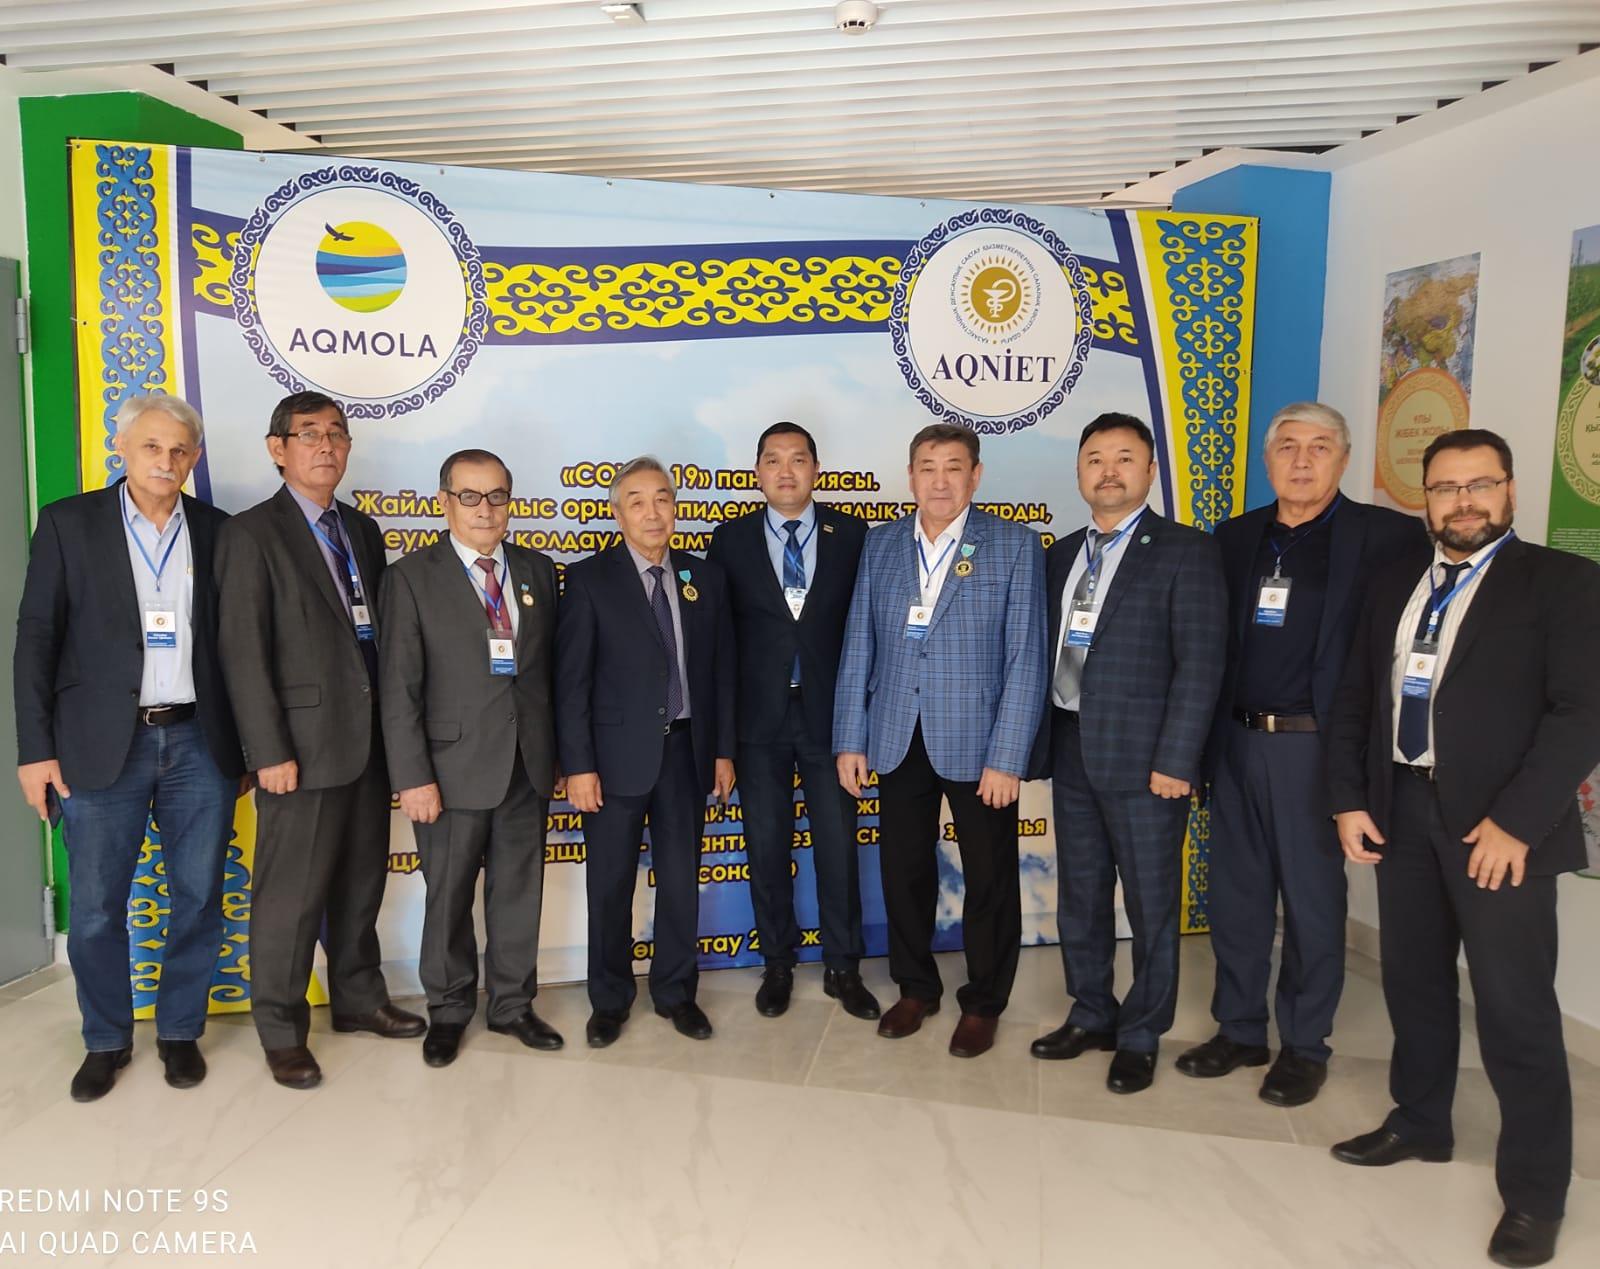 Научно практическая конференция, с участием ведущих ученых Казахстана и ученых зарубежных стран по теме: «COVID-19. Благоприятные условия труда, соблюдение противоэпидемического режима, социальная защита – гарантия безопасности здоровья  персонала»